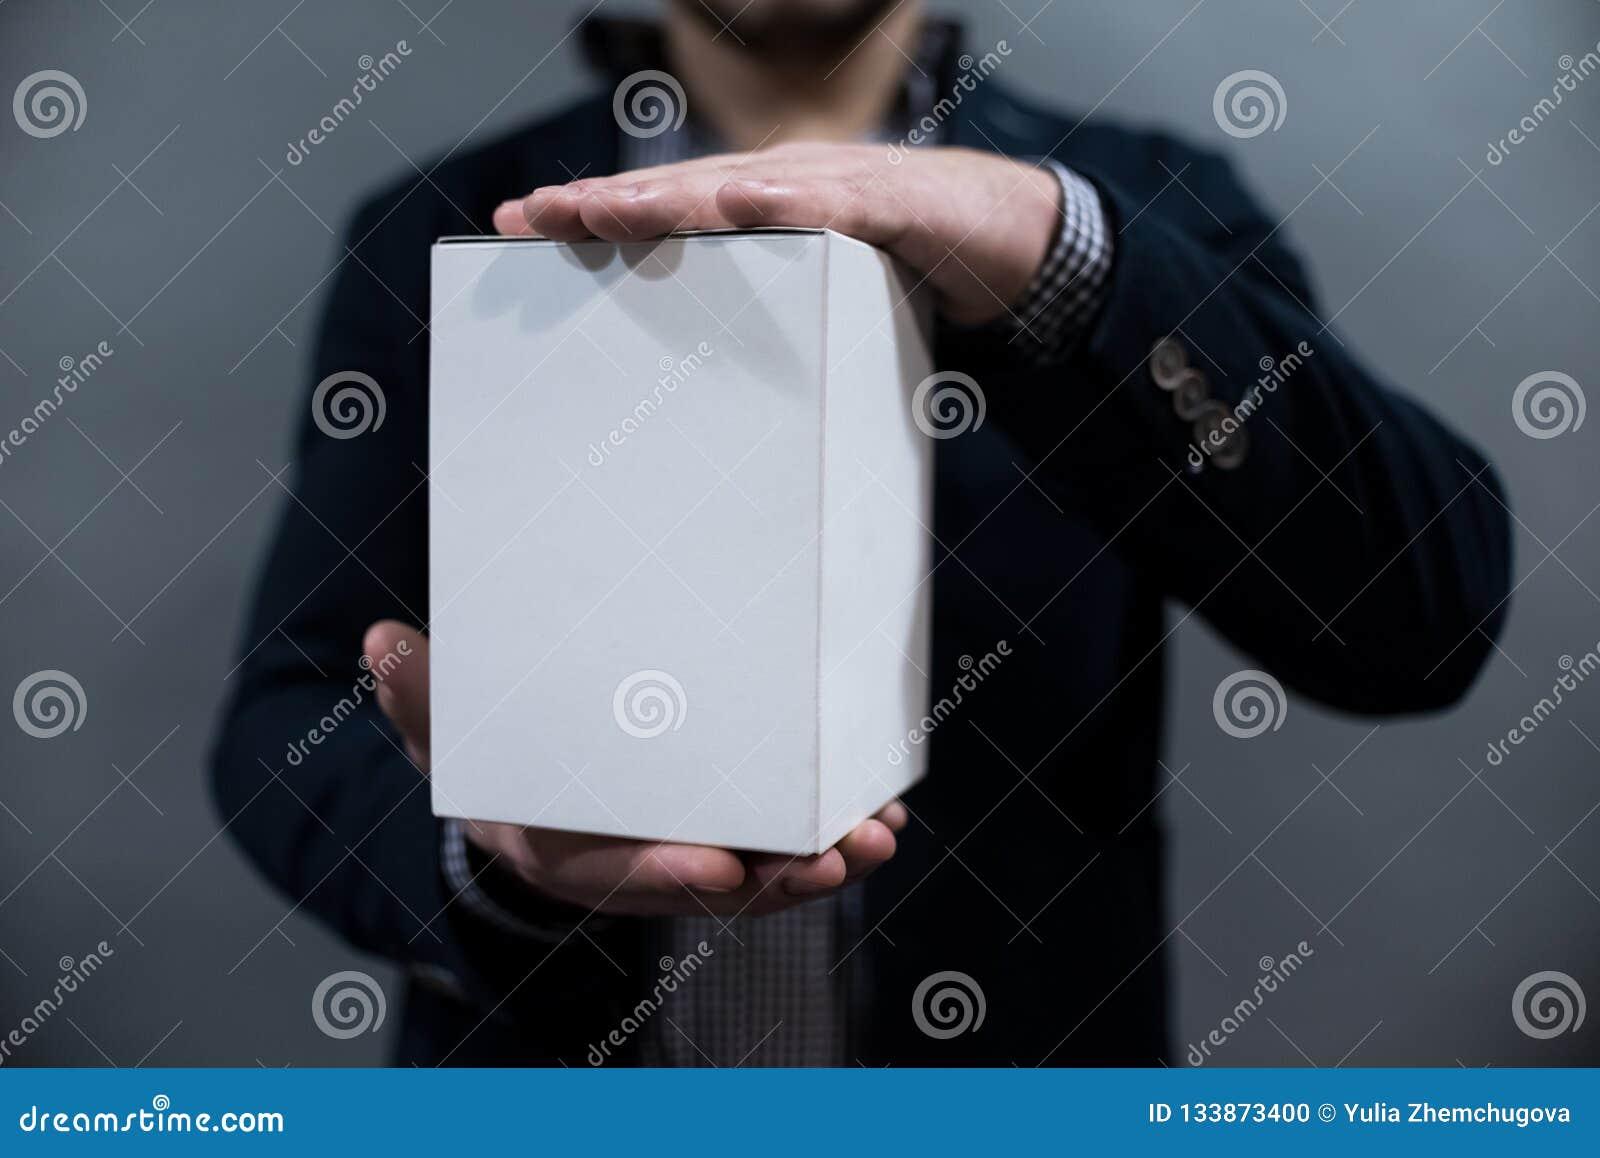 Ein Mann in einer Jacke und in einem Hemd, die einen Weißbuchkasten halten